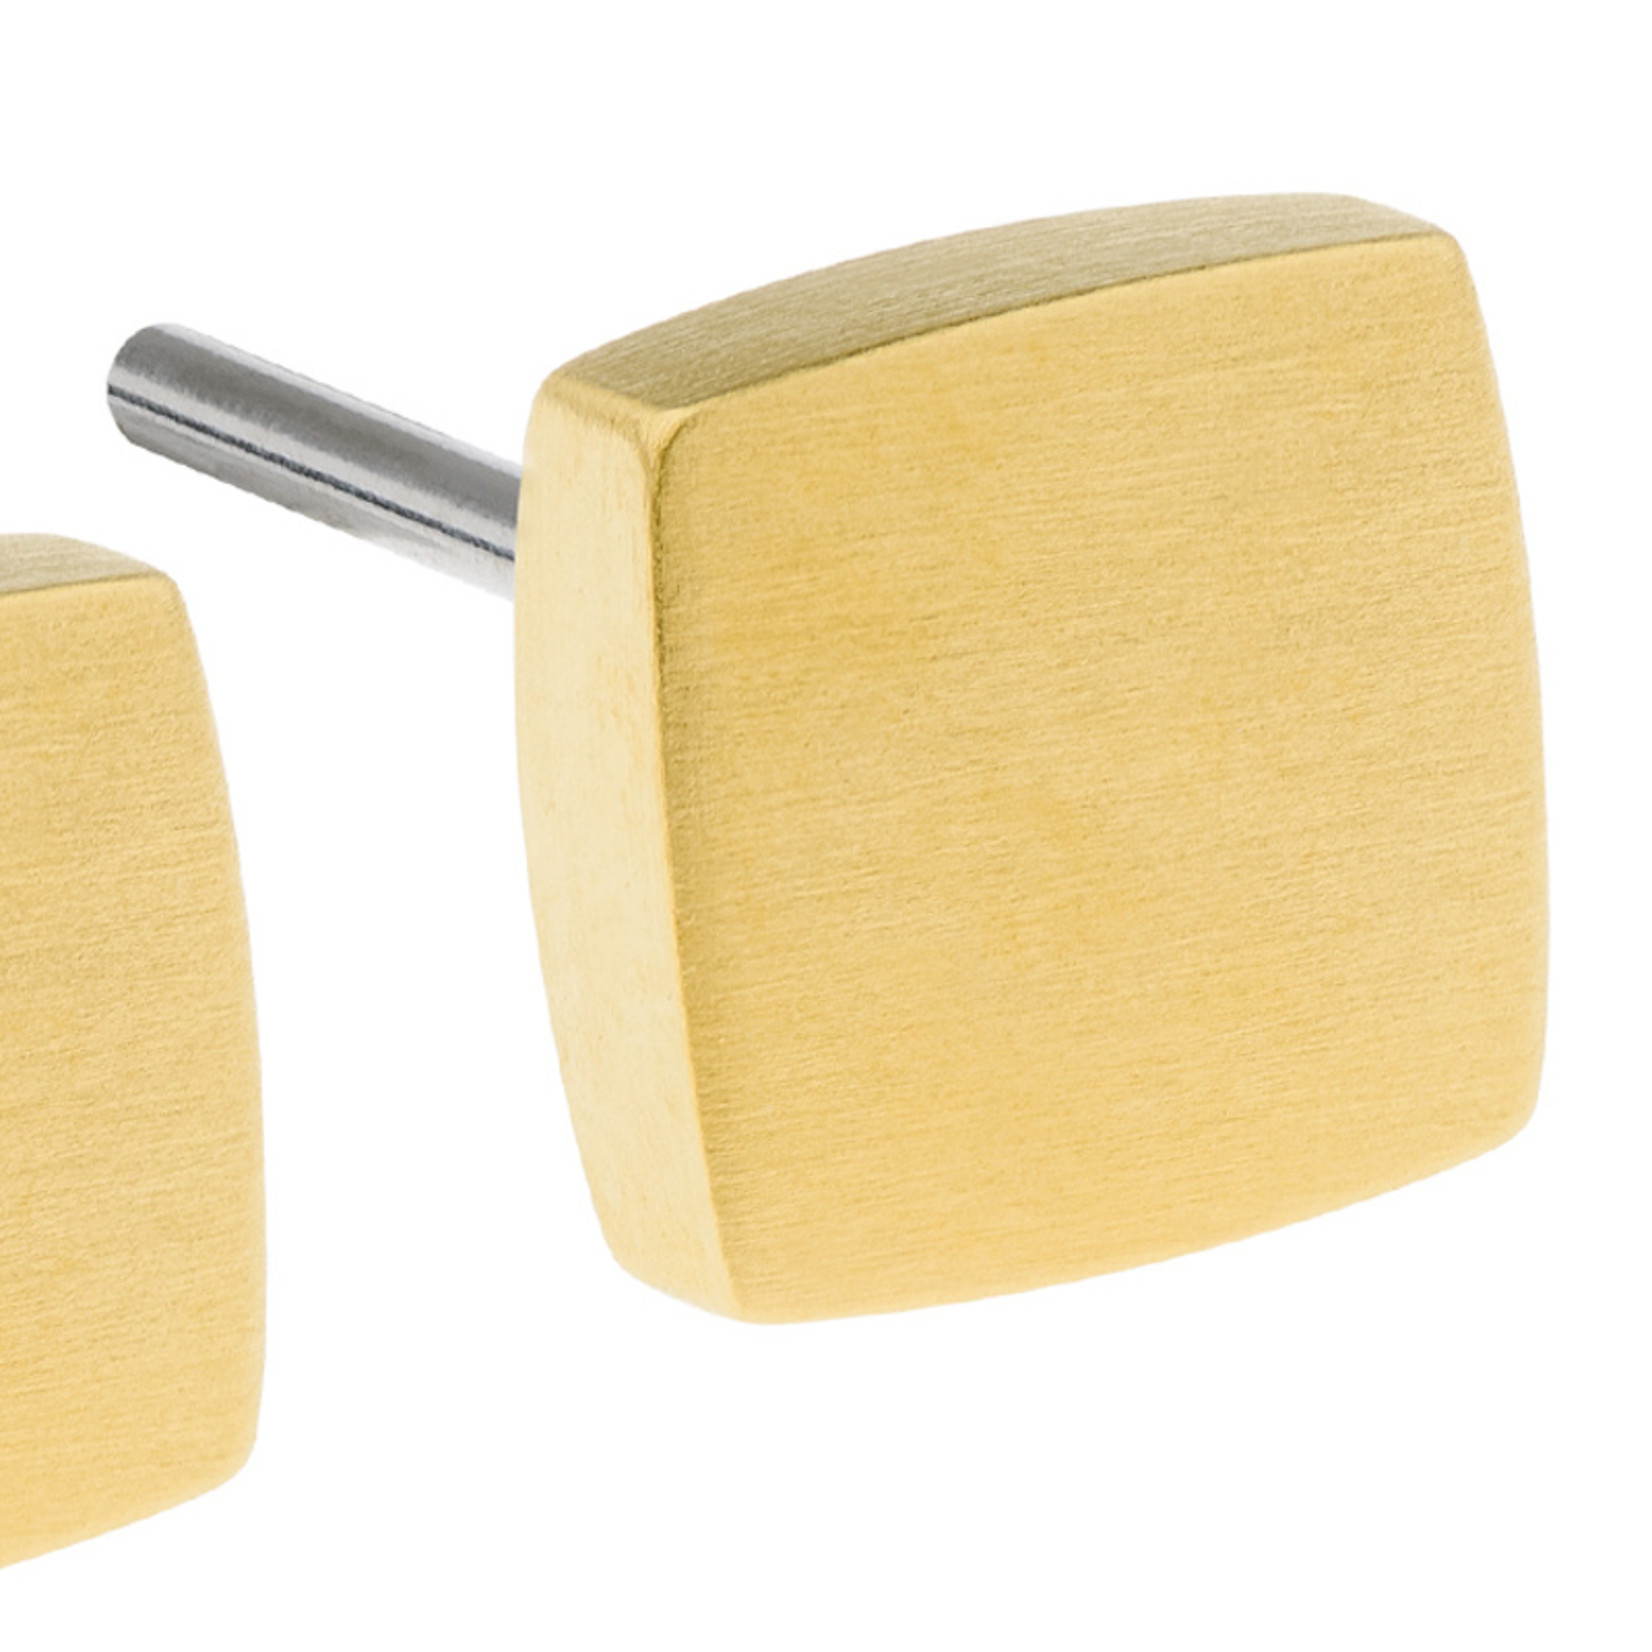 Ernstes Design Stahlschmuck Ohrstecker E436 I Ernstes Design I 6 mm I Edelstahl gold